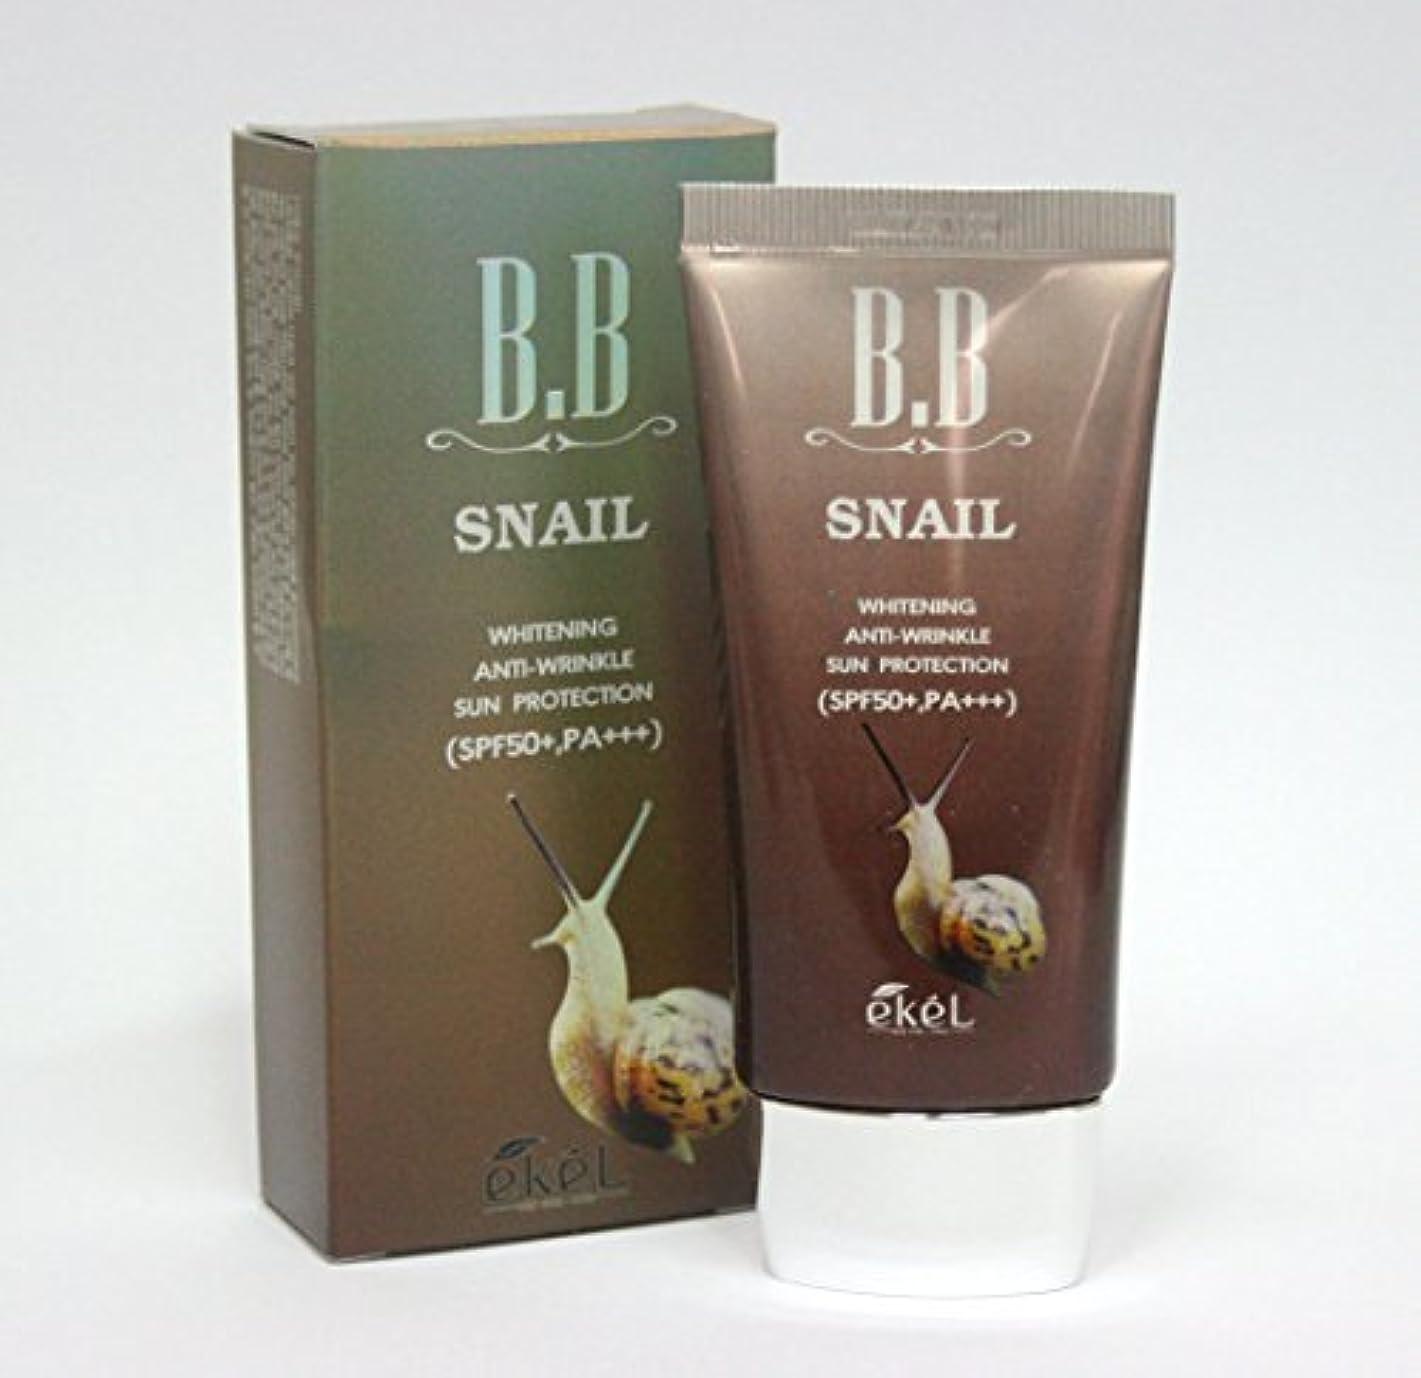 燃料サスティーン遮る[Ekel] カタツムリBBクリーム50ml / ホワイトニング , SPF50 + PA +++ / 韓国化粧品 / Snail BB Cream 50ml / Whitening, SPF50+ PA+++ / Korea...